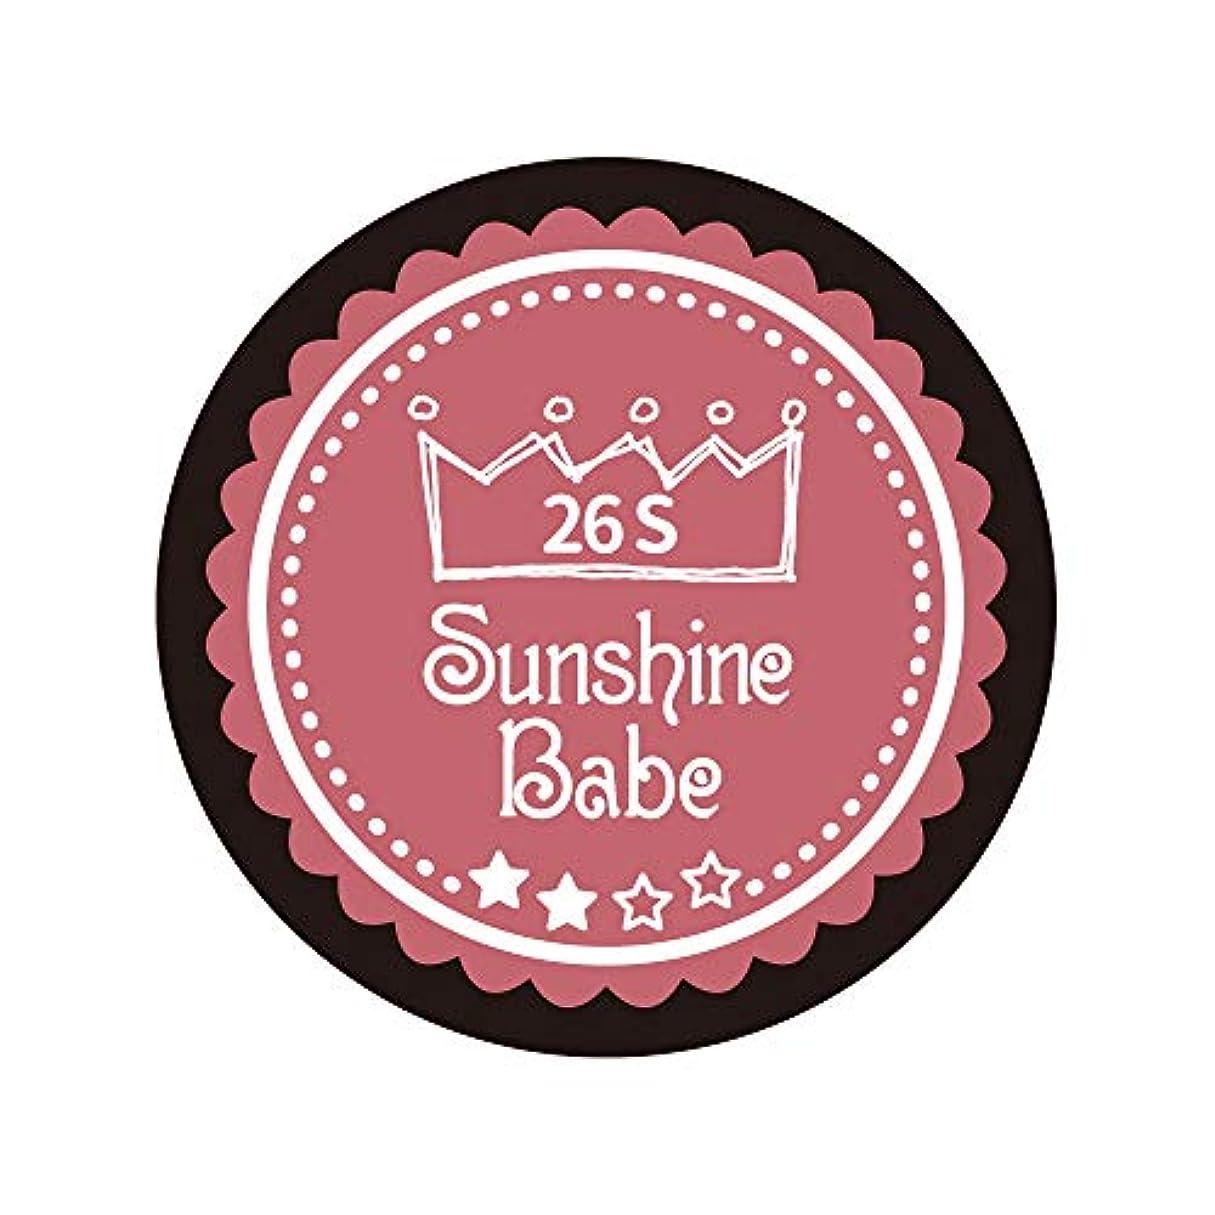 減衰長いです番目Sunshine Babe カラージェル 26S ダスティローズ 2.7g UV/LED対応